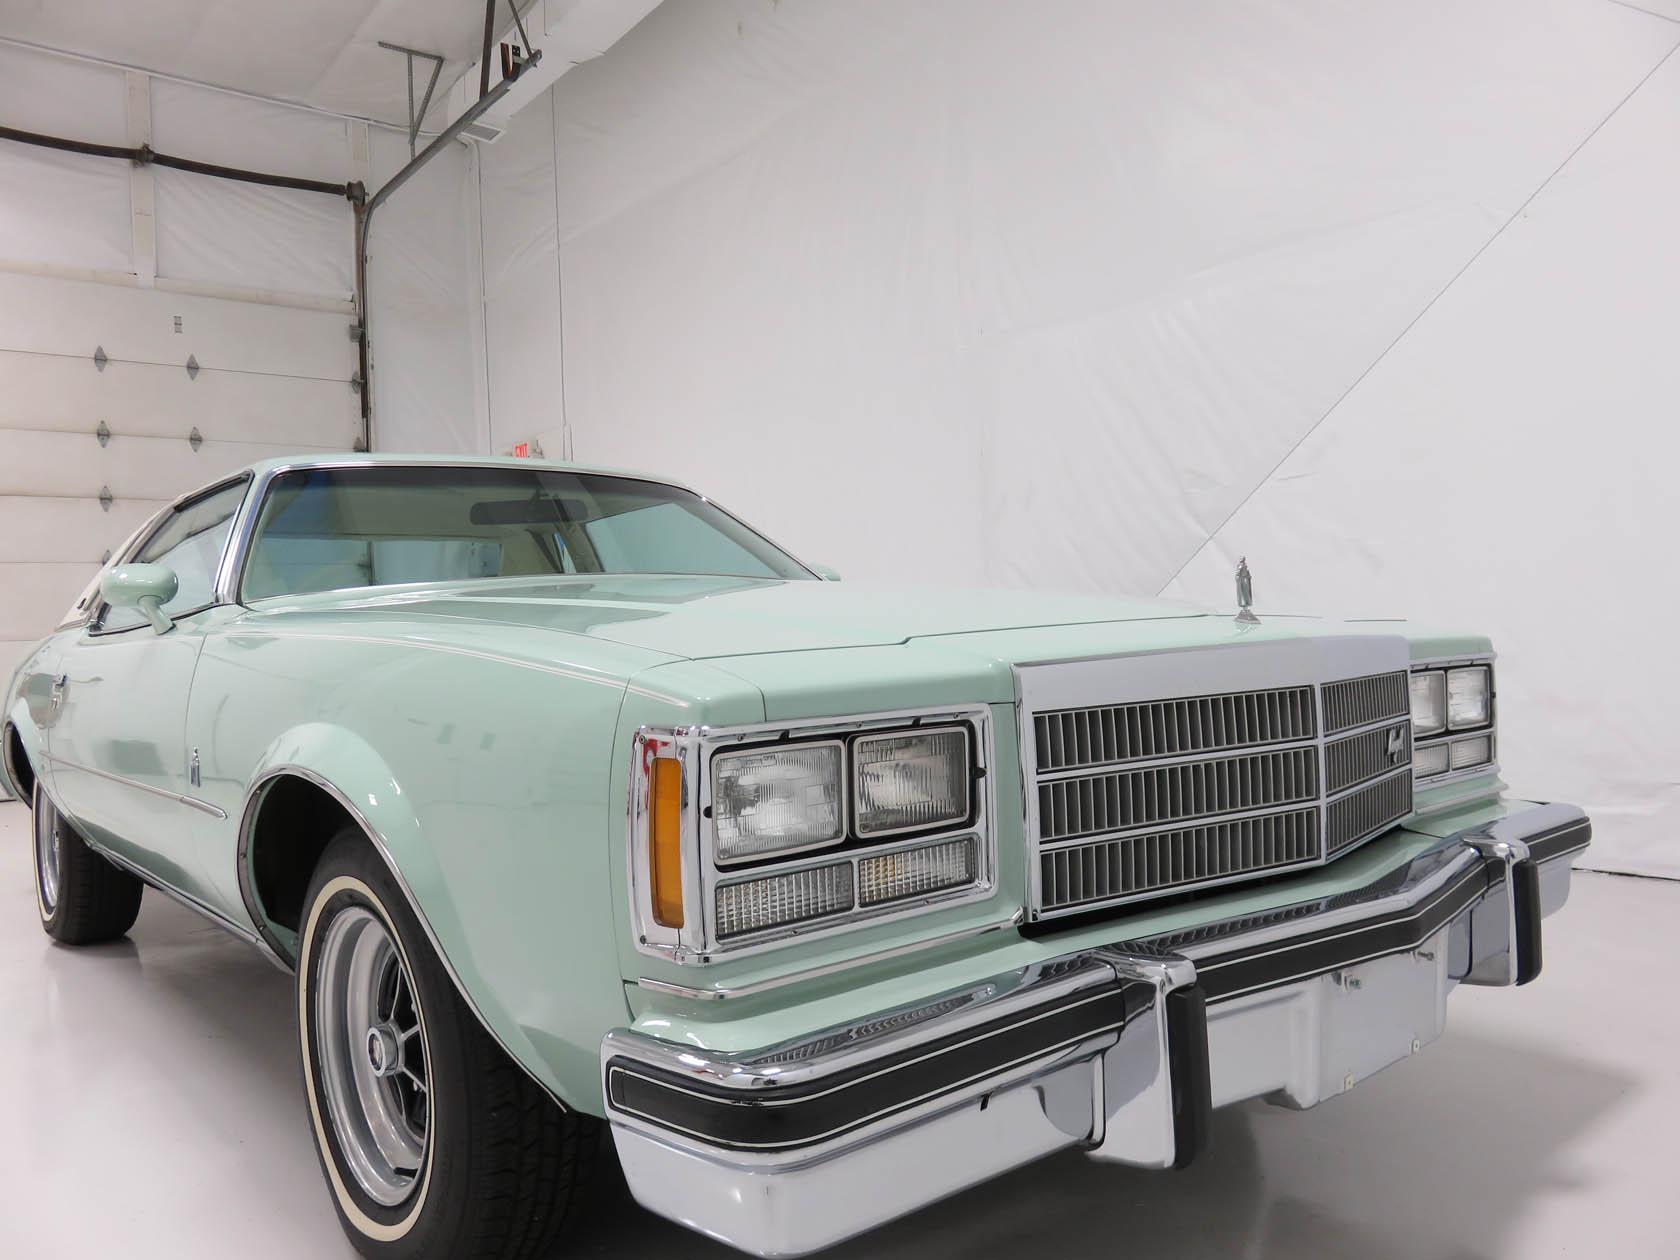 Michael Esposito - 1974 Oldsmobile Cutlasss Supreme 297